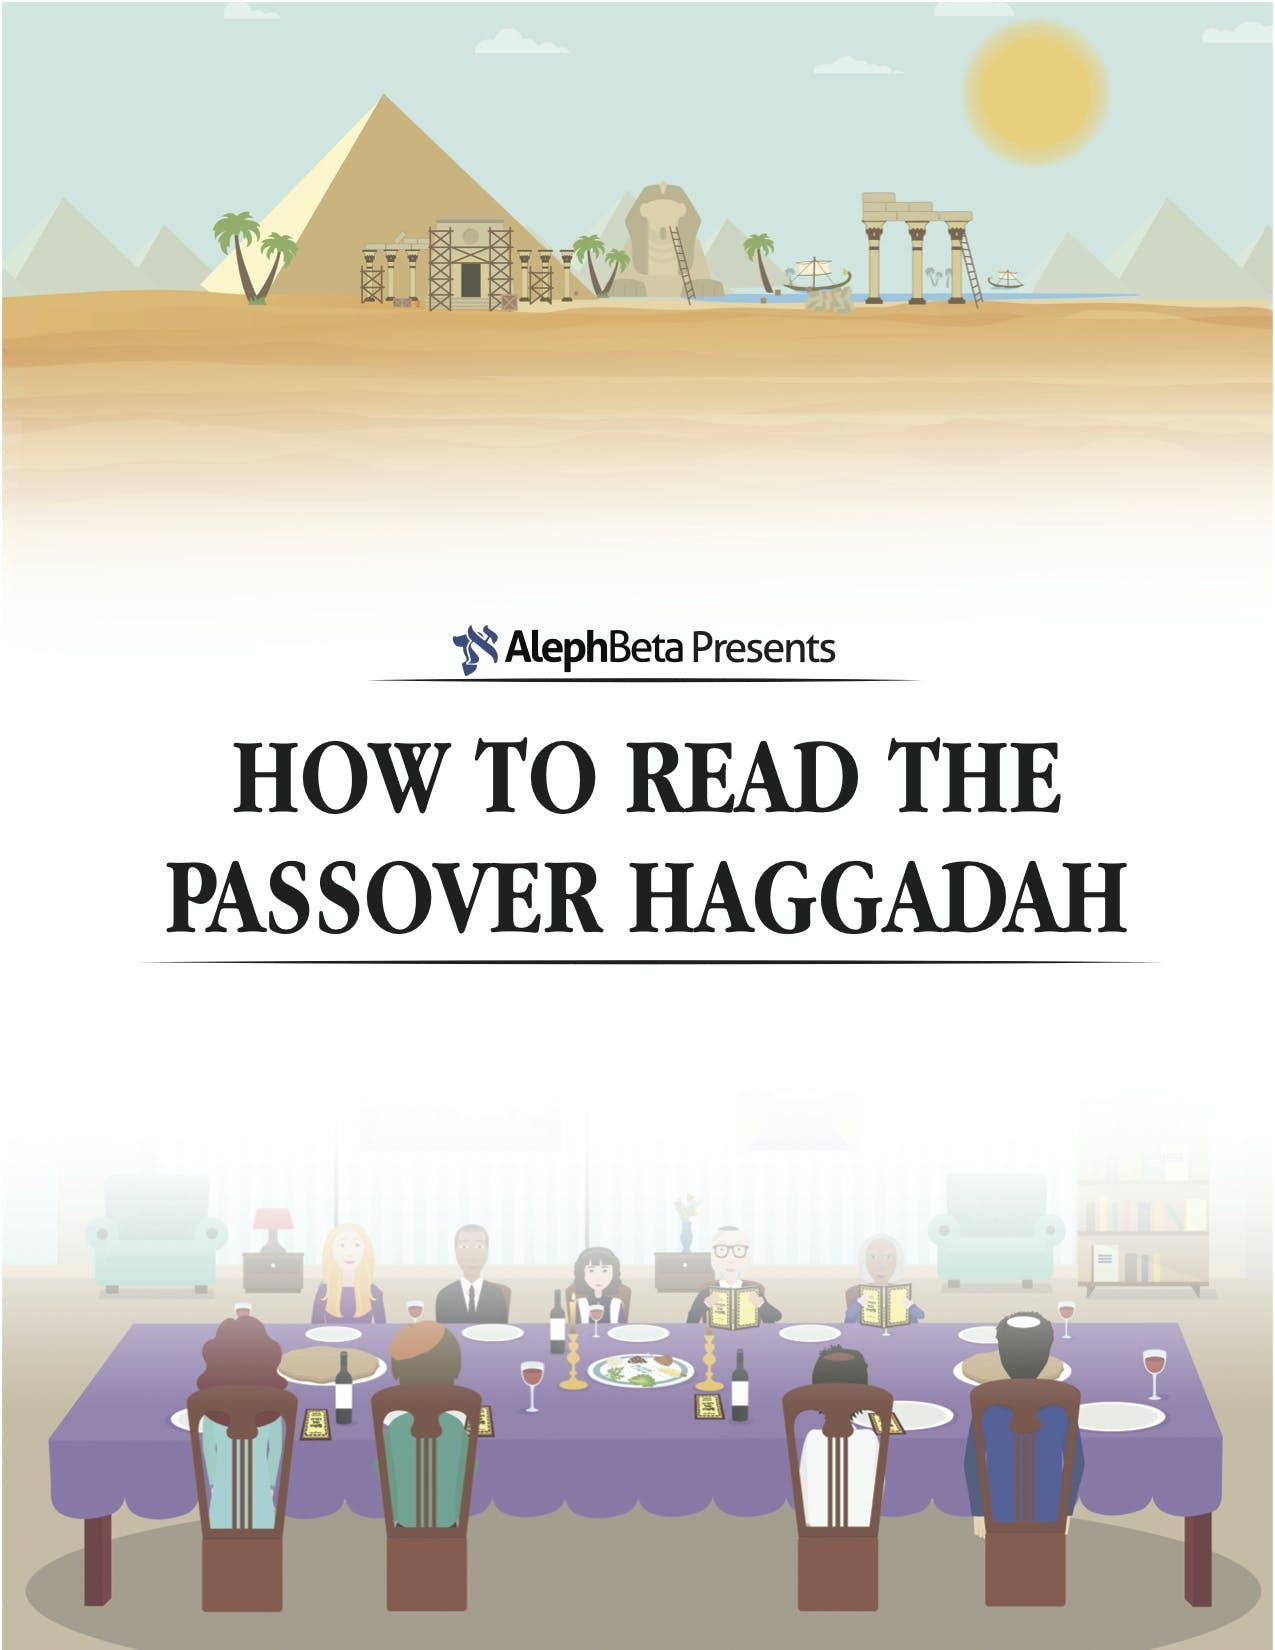 Printable passover pdf